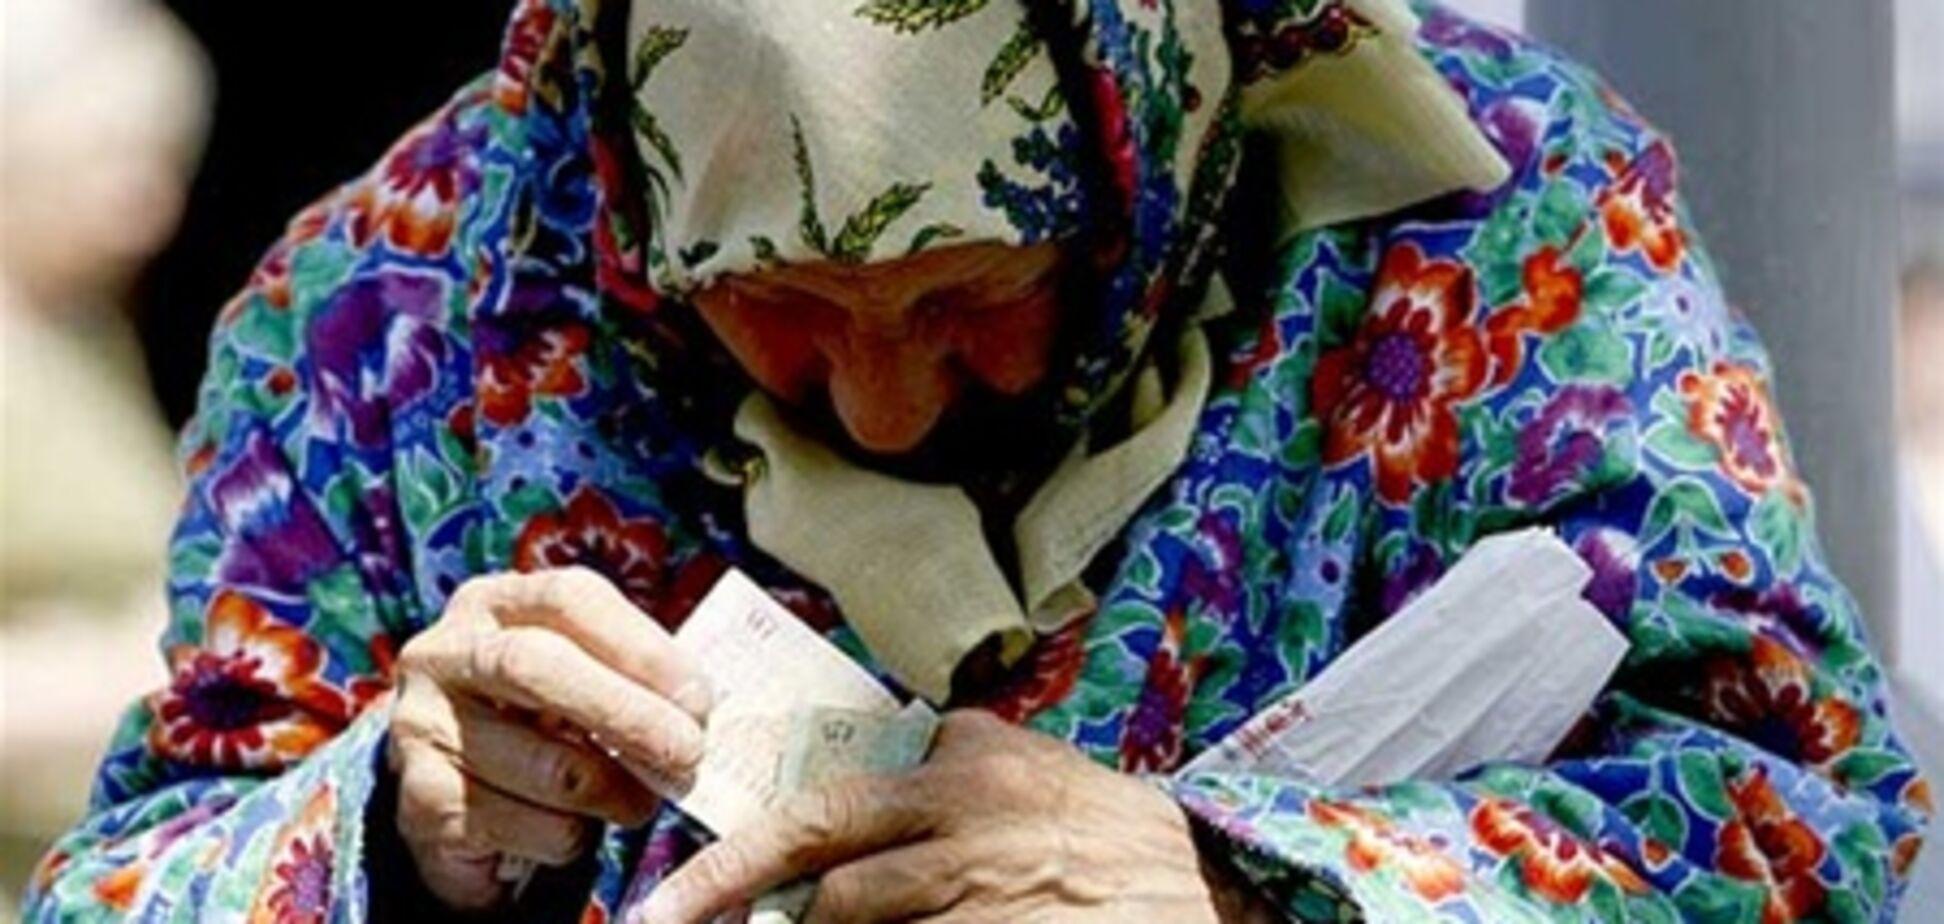 Для улучшения жизни пенсионеров нужно 10 млрд гривен